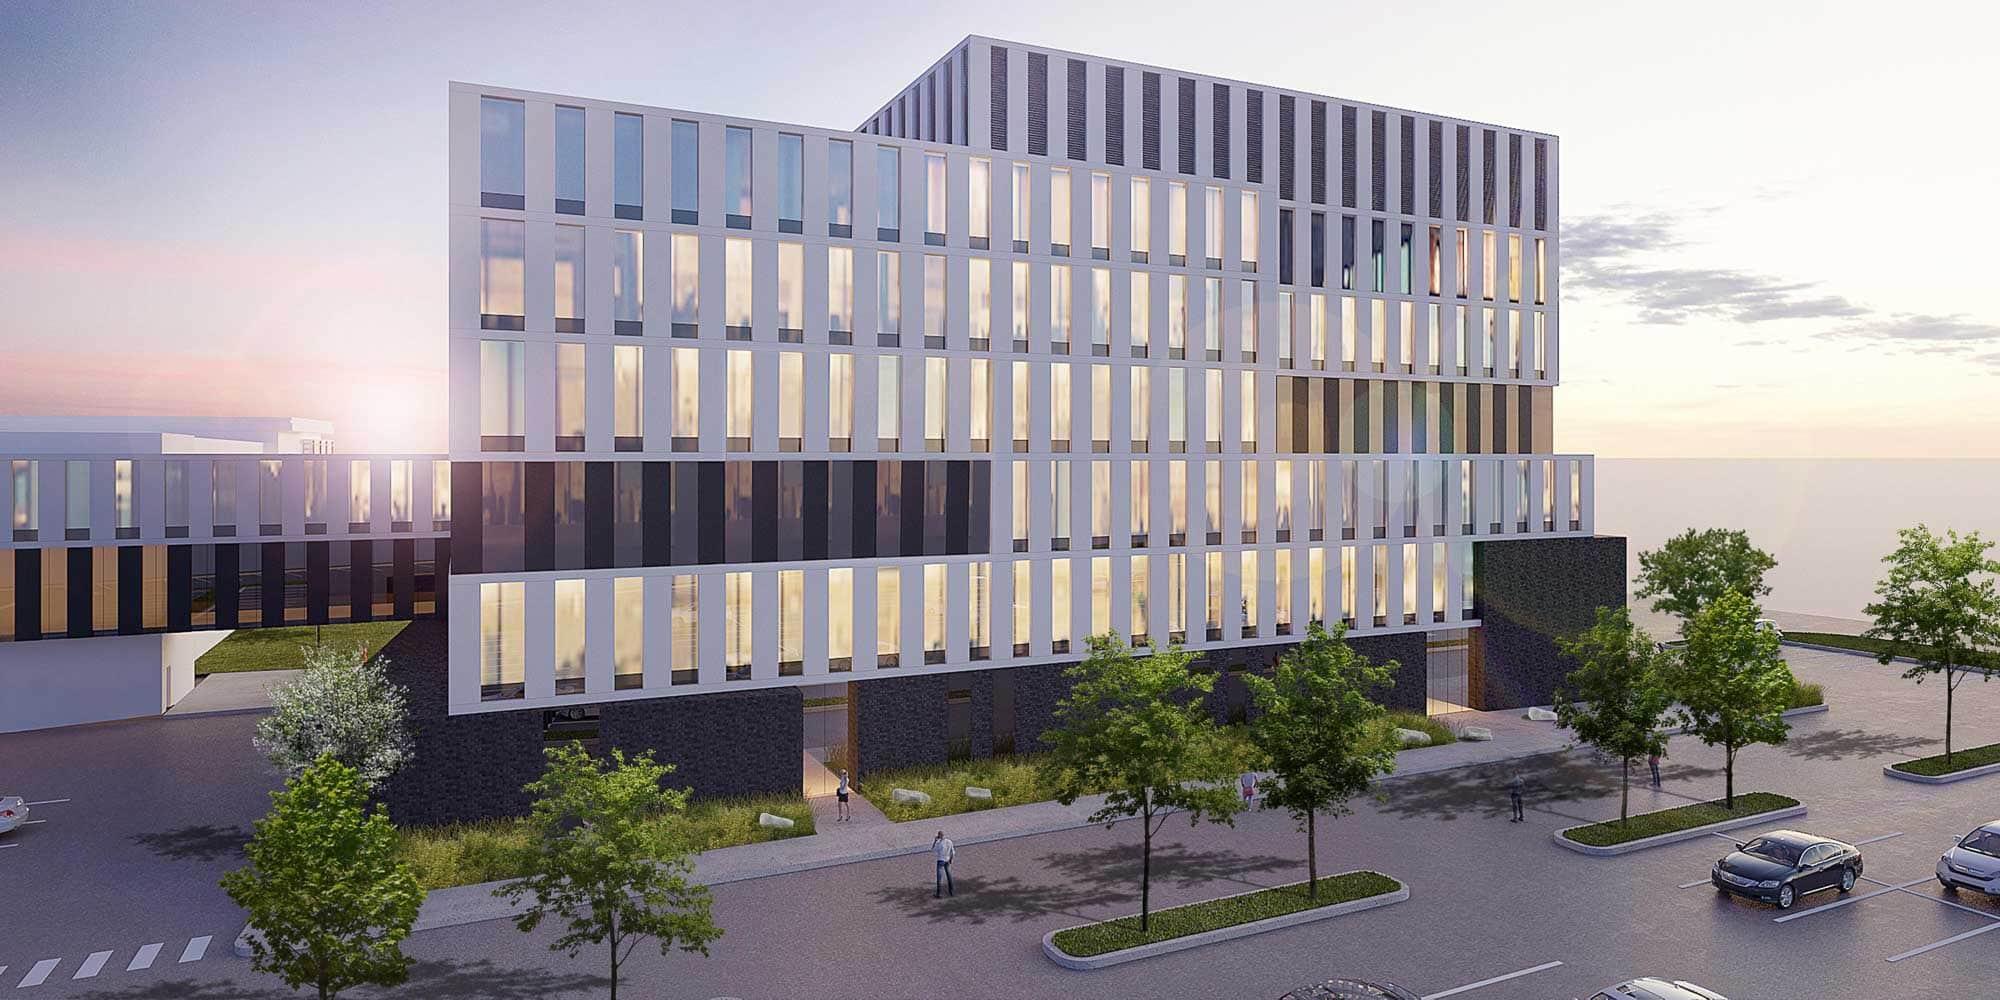 Le nouvel immeuble, d'allure résolument moderne, sera relié au palais de justice, qu'on distingue ici à gauche, et occupera l'actuel stationnement.